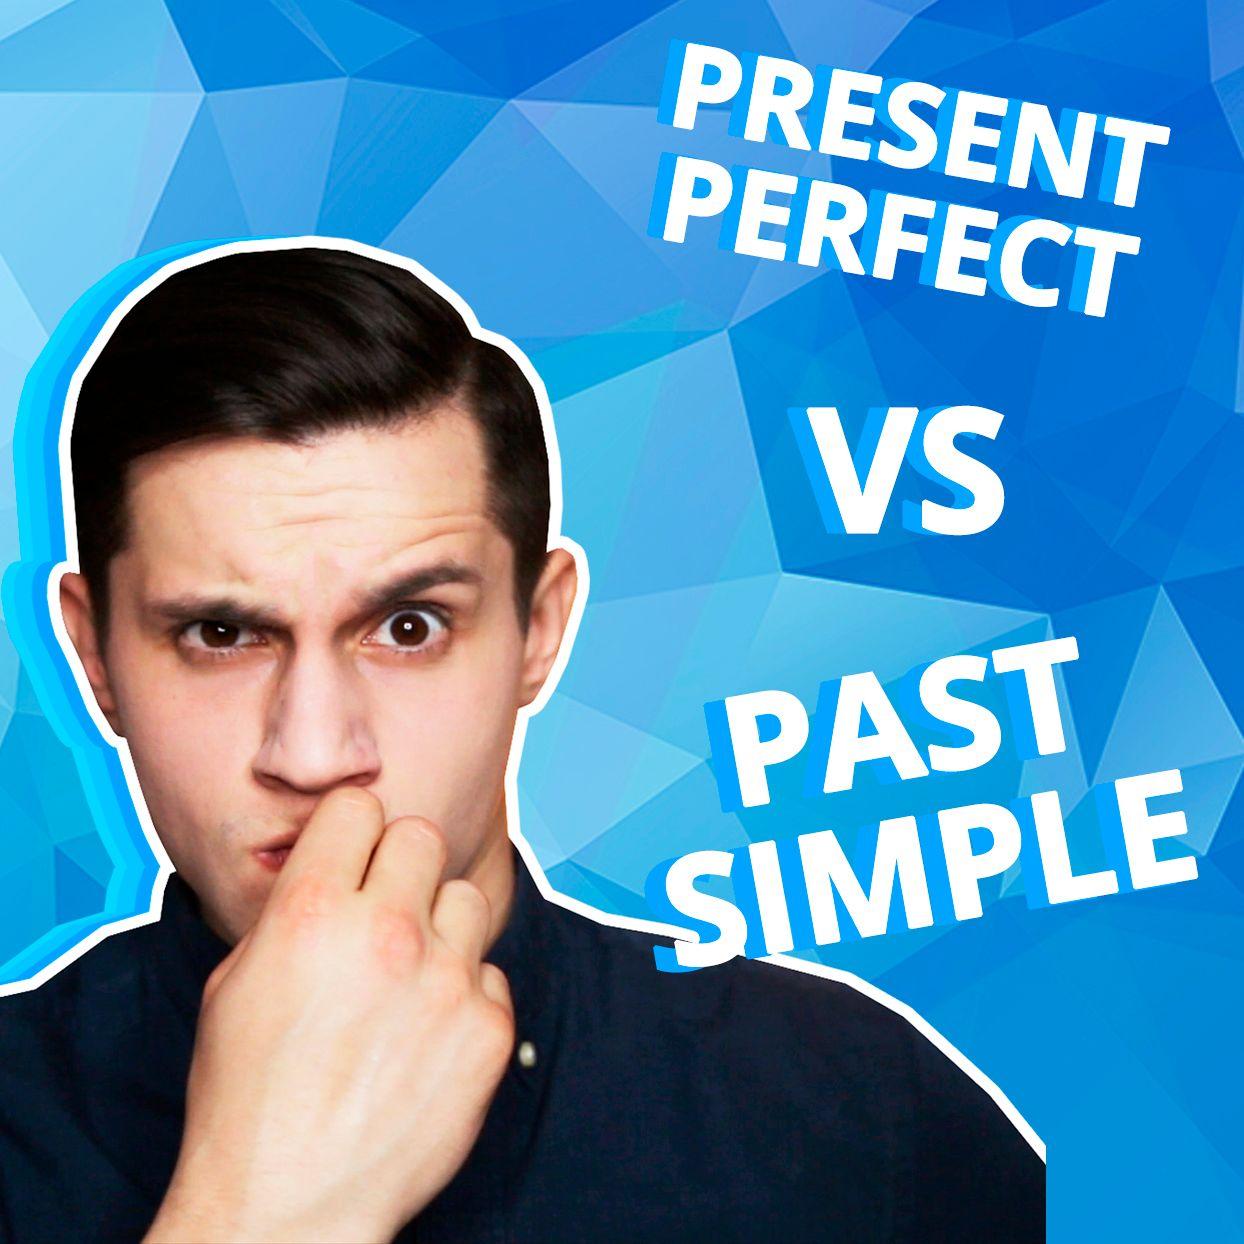 Что выбрать: PAST SIMPLE или PRESENT PERFECT